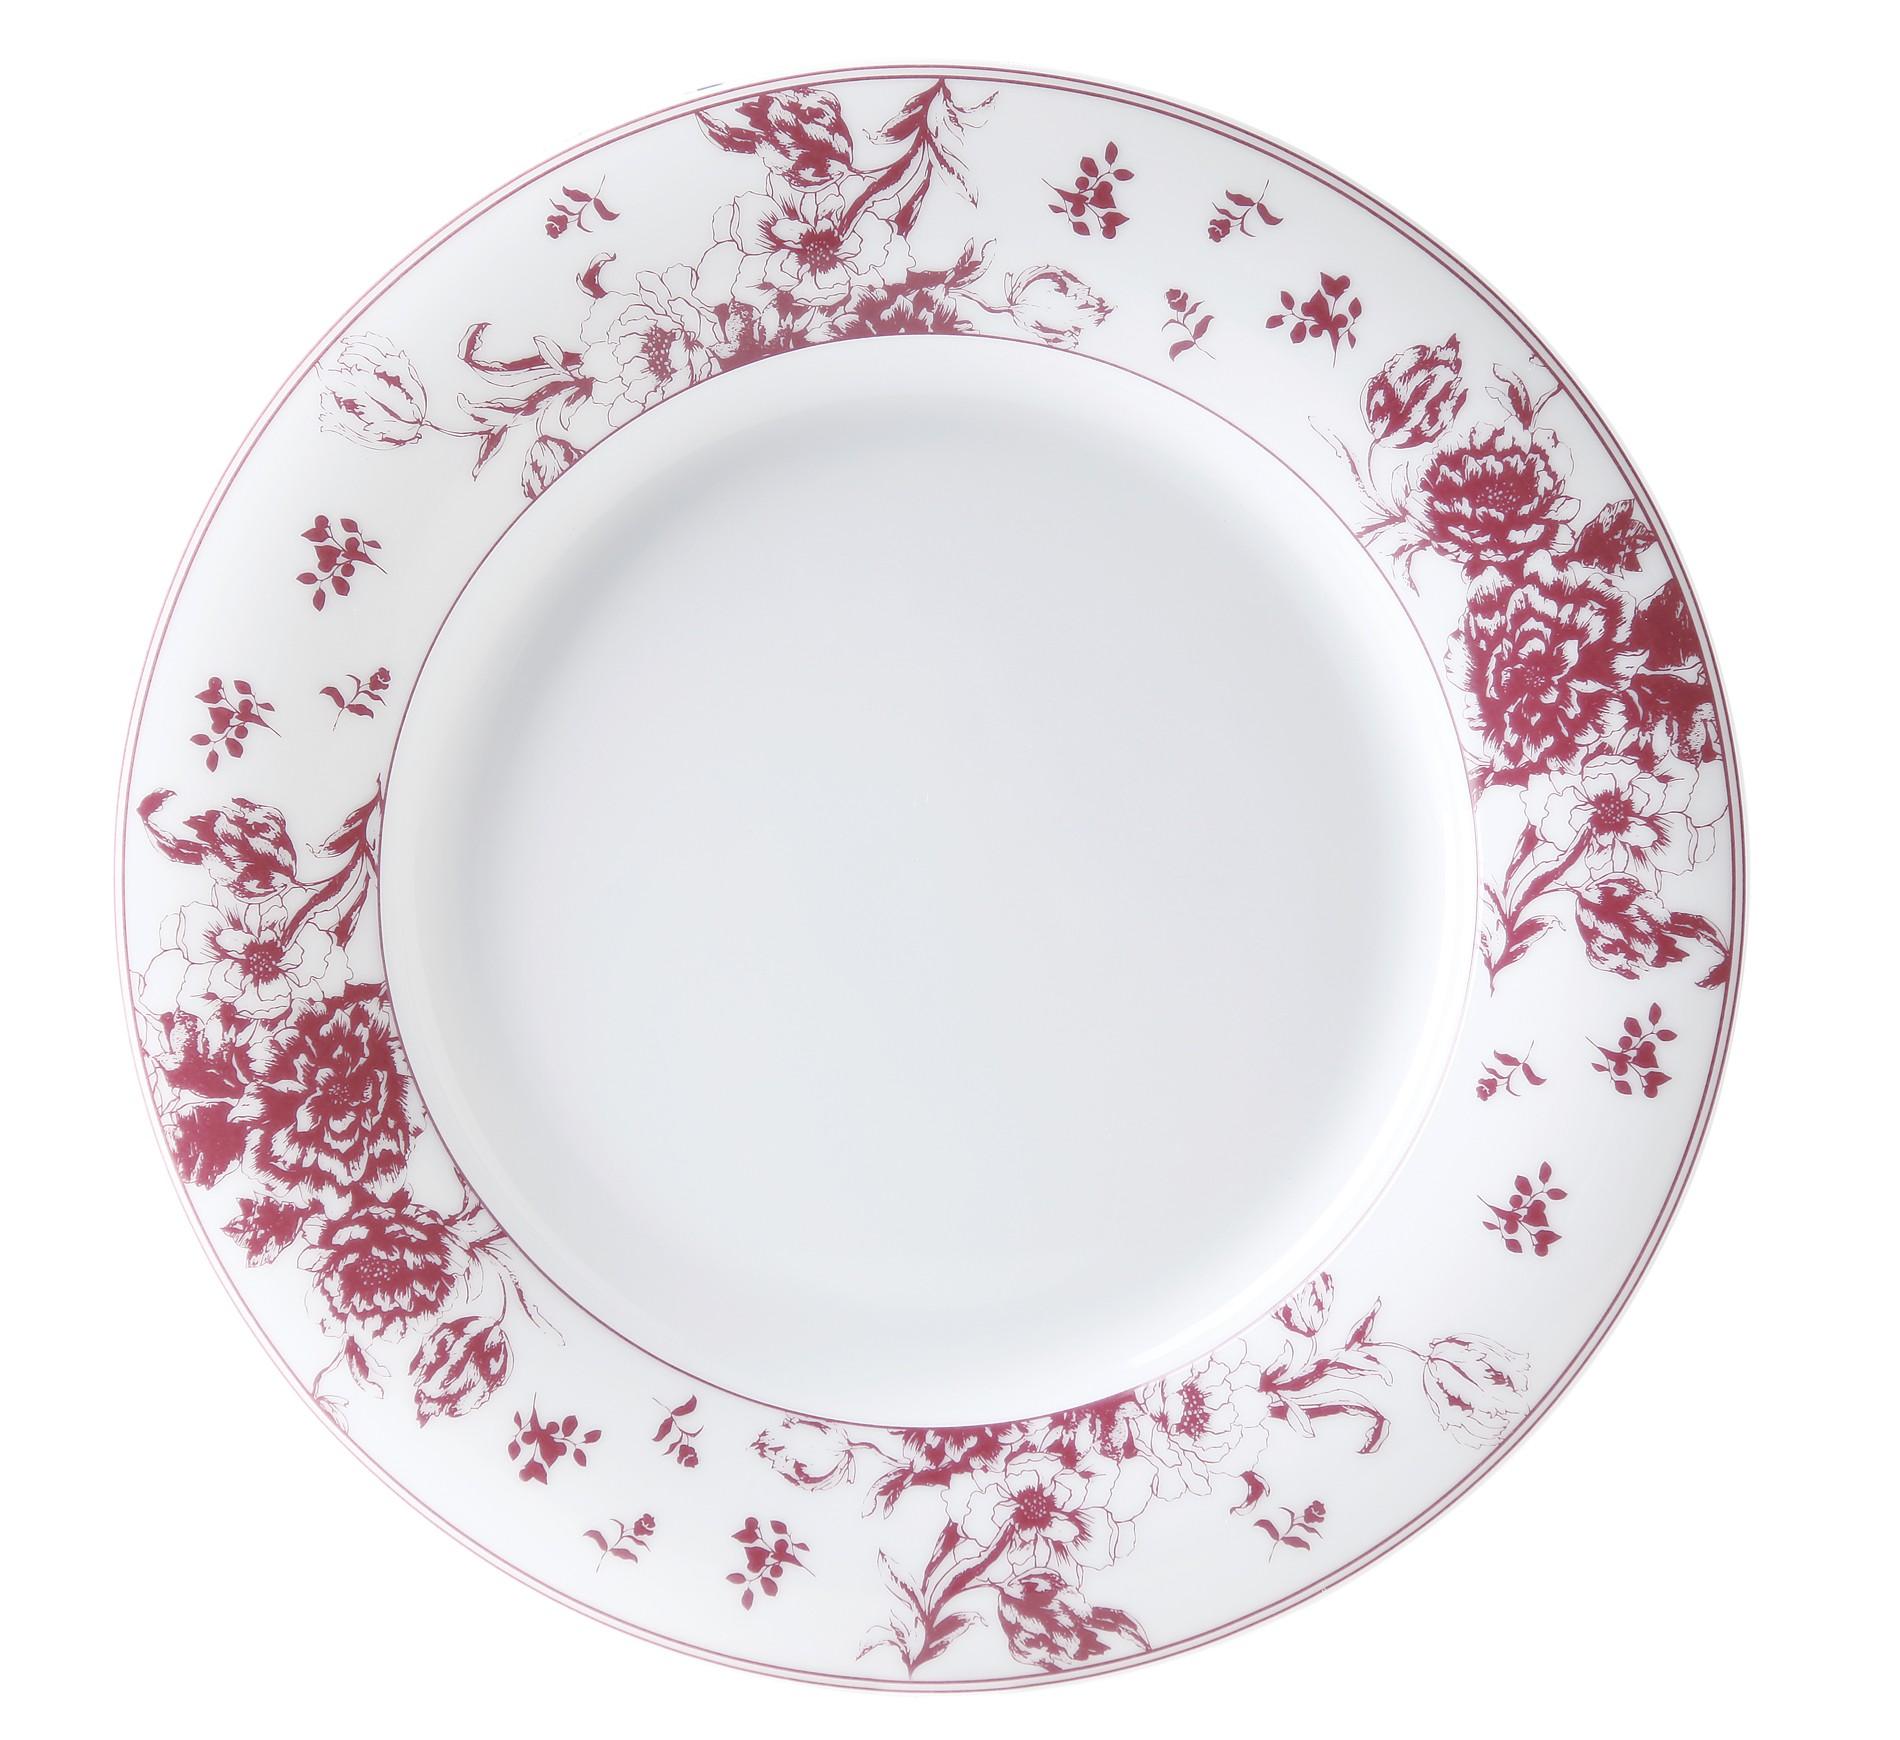 Πιάτο Ρηχό Λουλούδι Σετ 6Τμχ Εξοχή 27cm Ionia home   ειδη σερβιρισματος   πιάτα